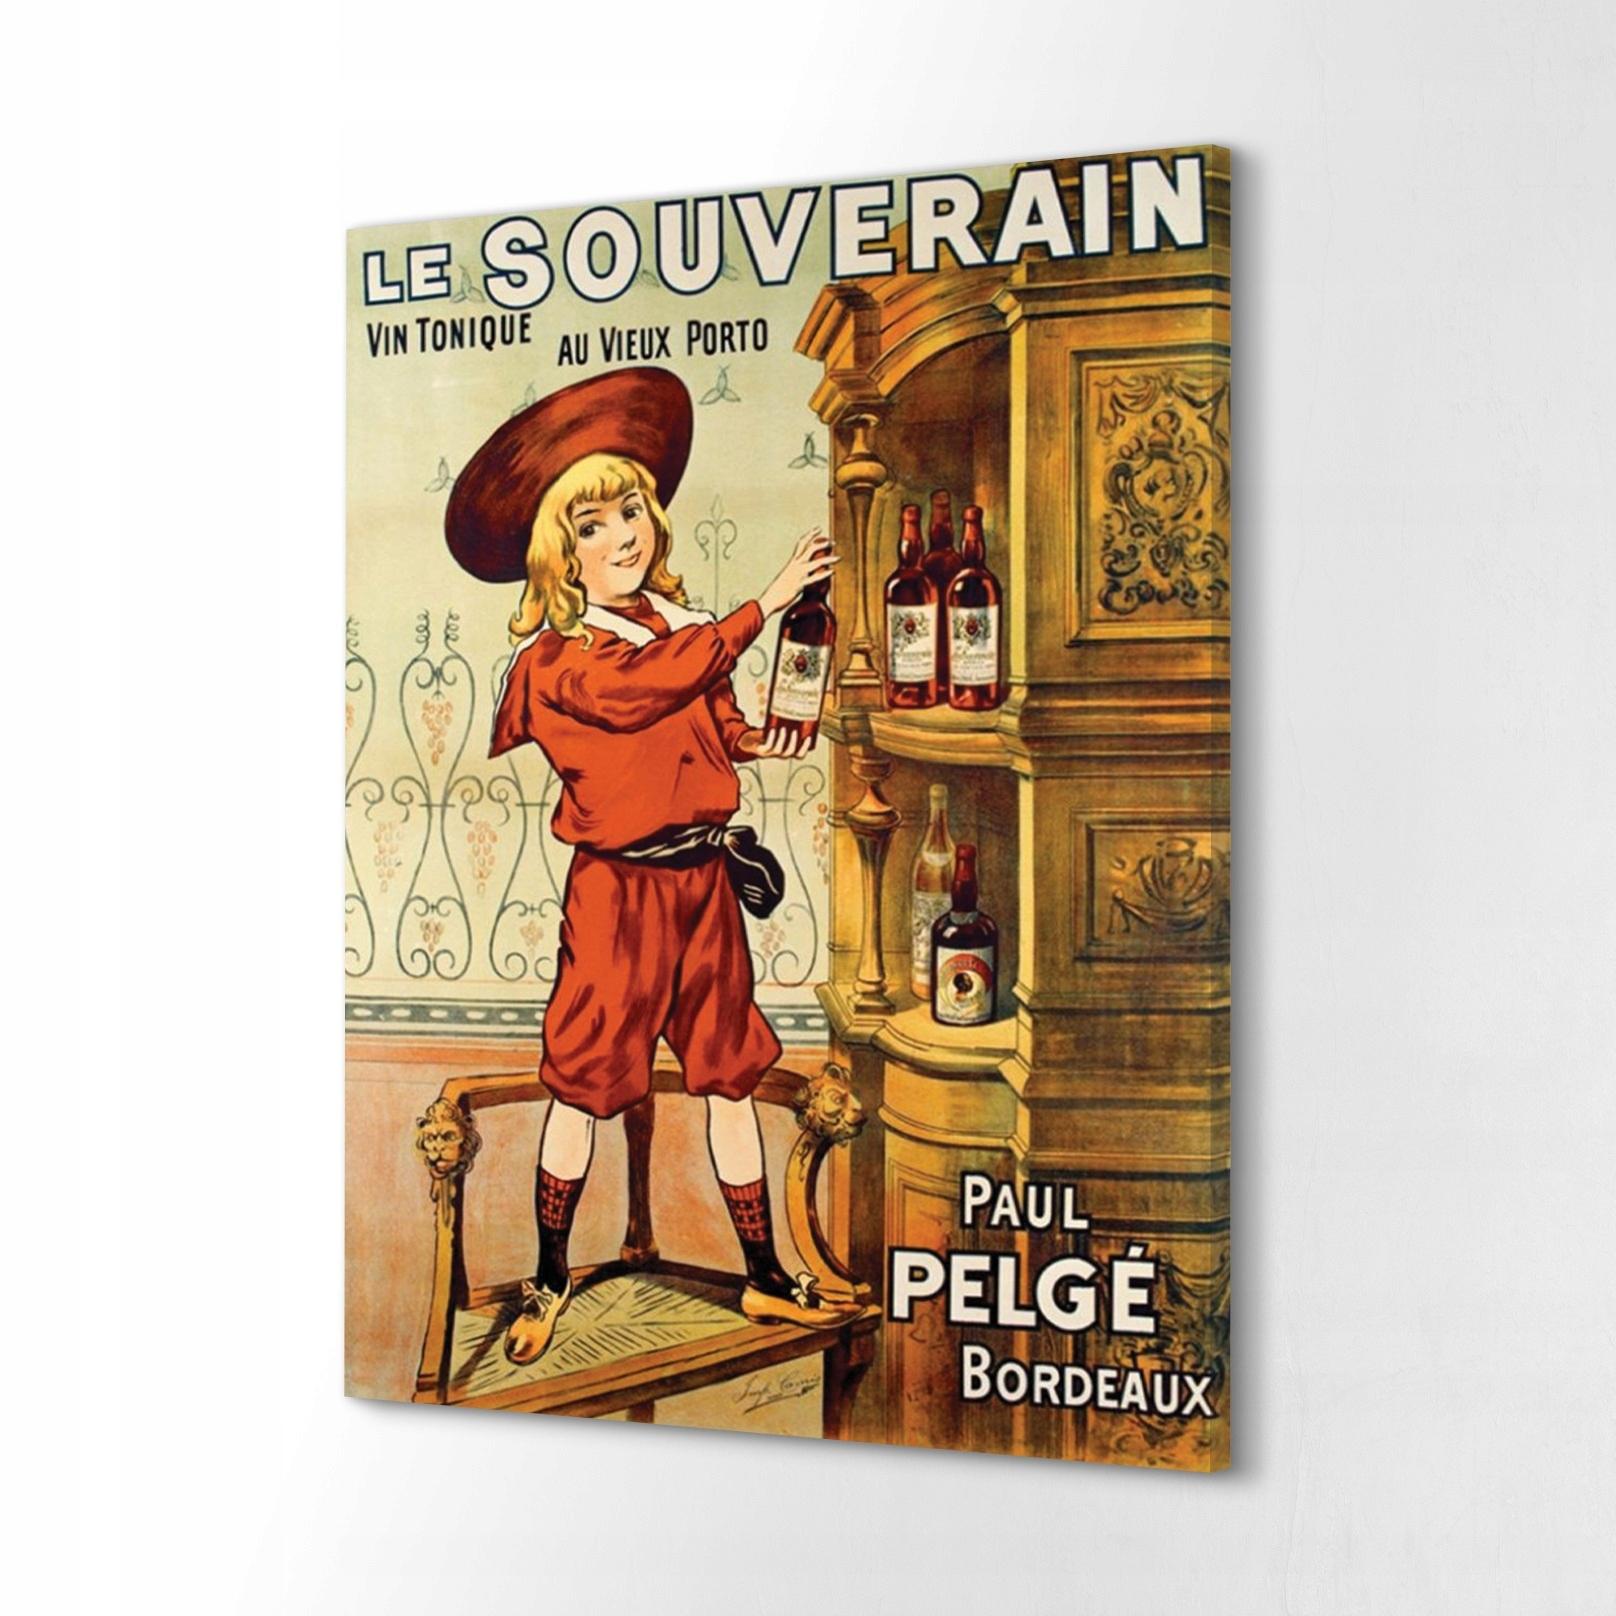 Foto-obrazové plátno 40x60 Le Souverain retro reklama